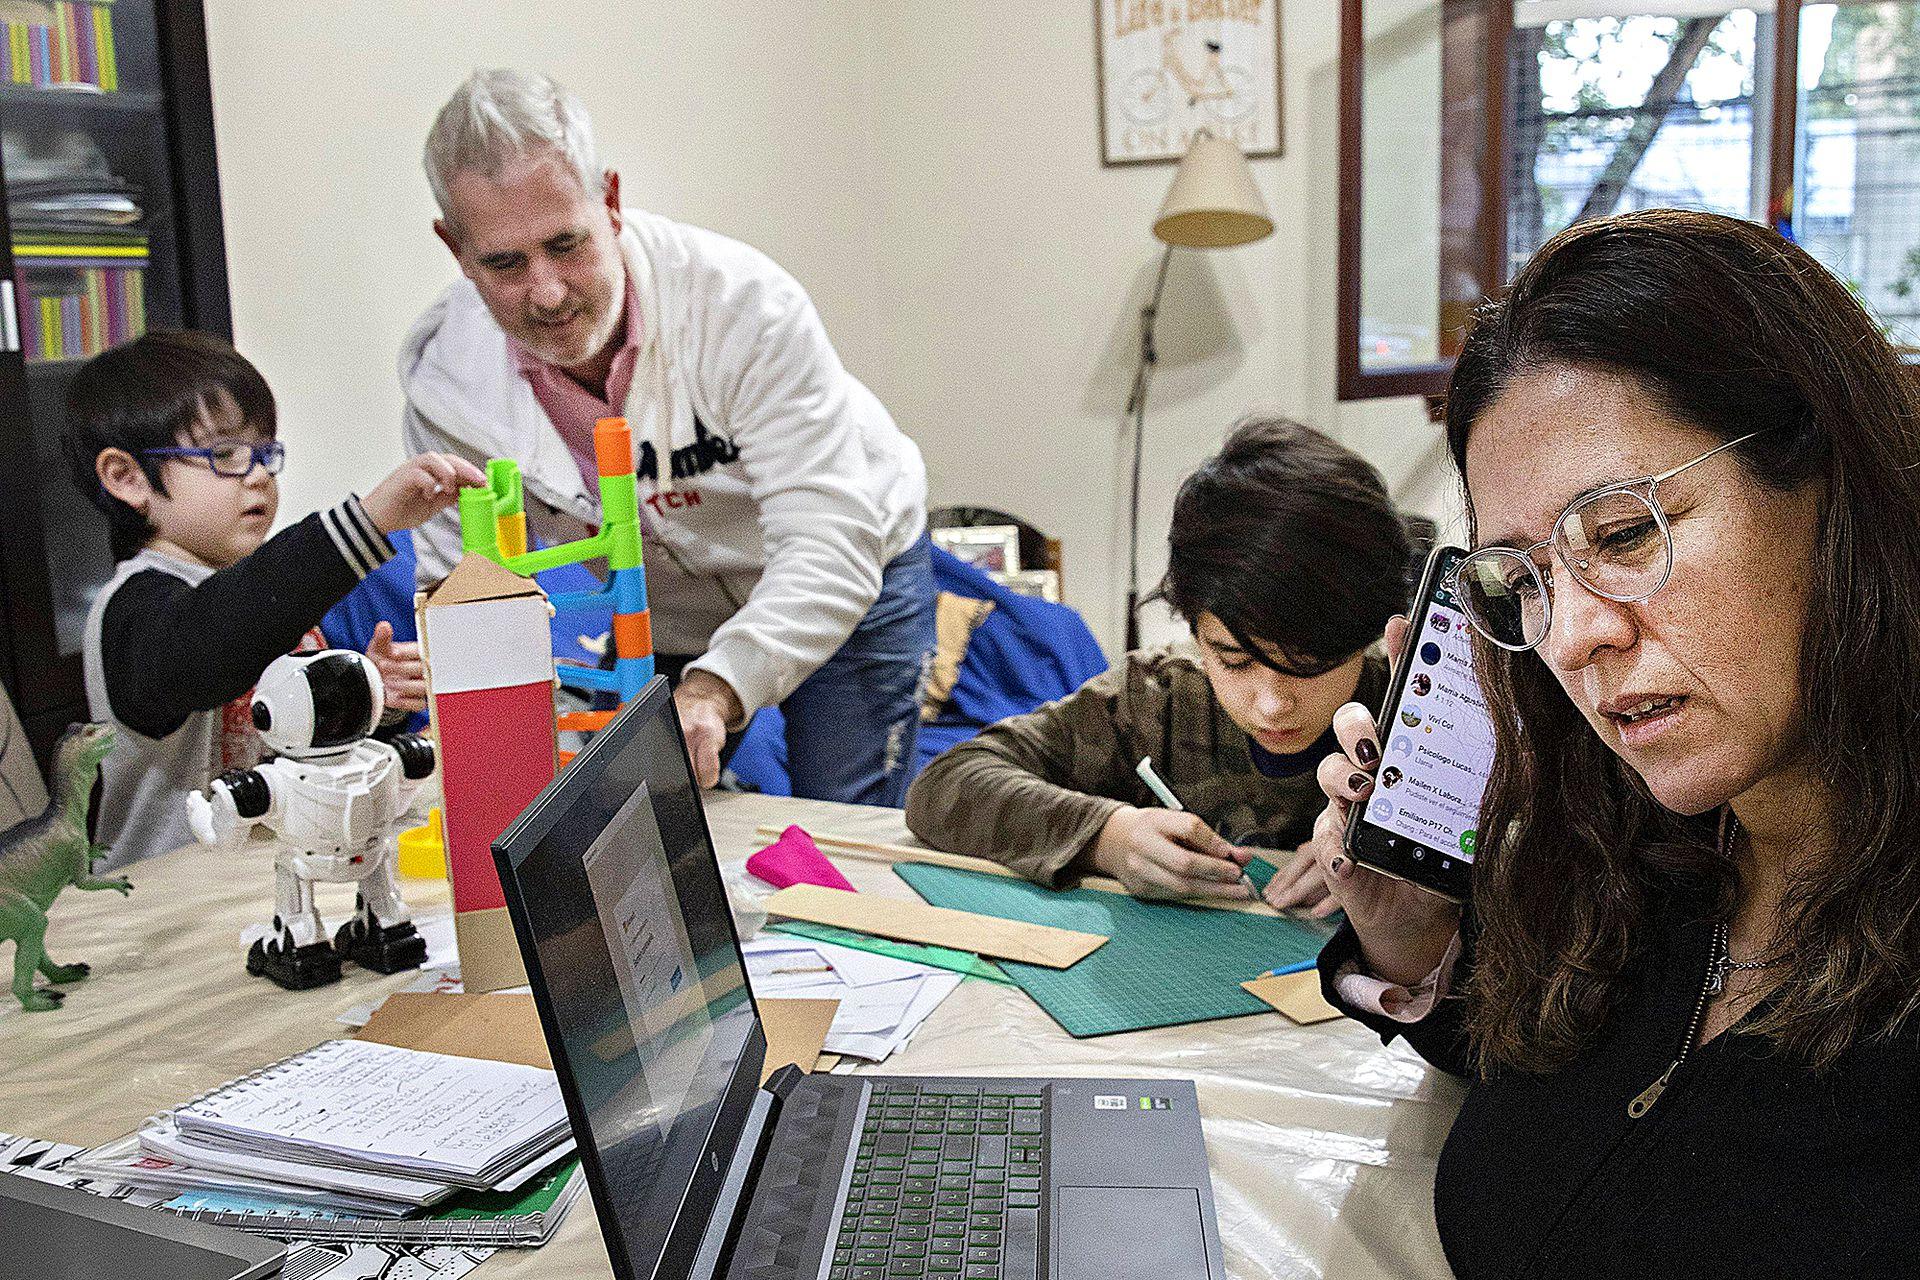 Como ocurre en otros hogares, en la casa de  Carolina del Barco y Emiliano Monteagudo se trabaja, juega y estudia en el mismo espacio